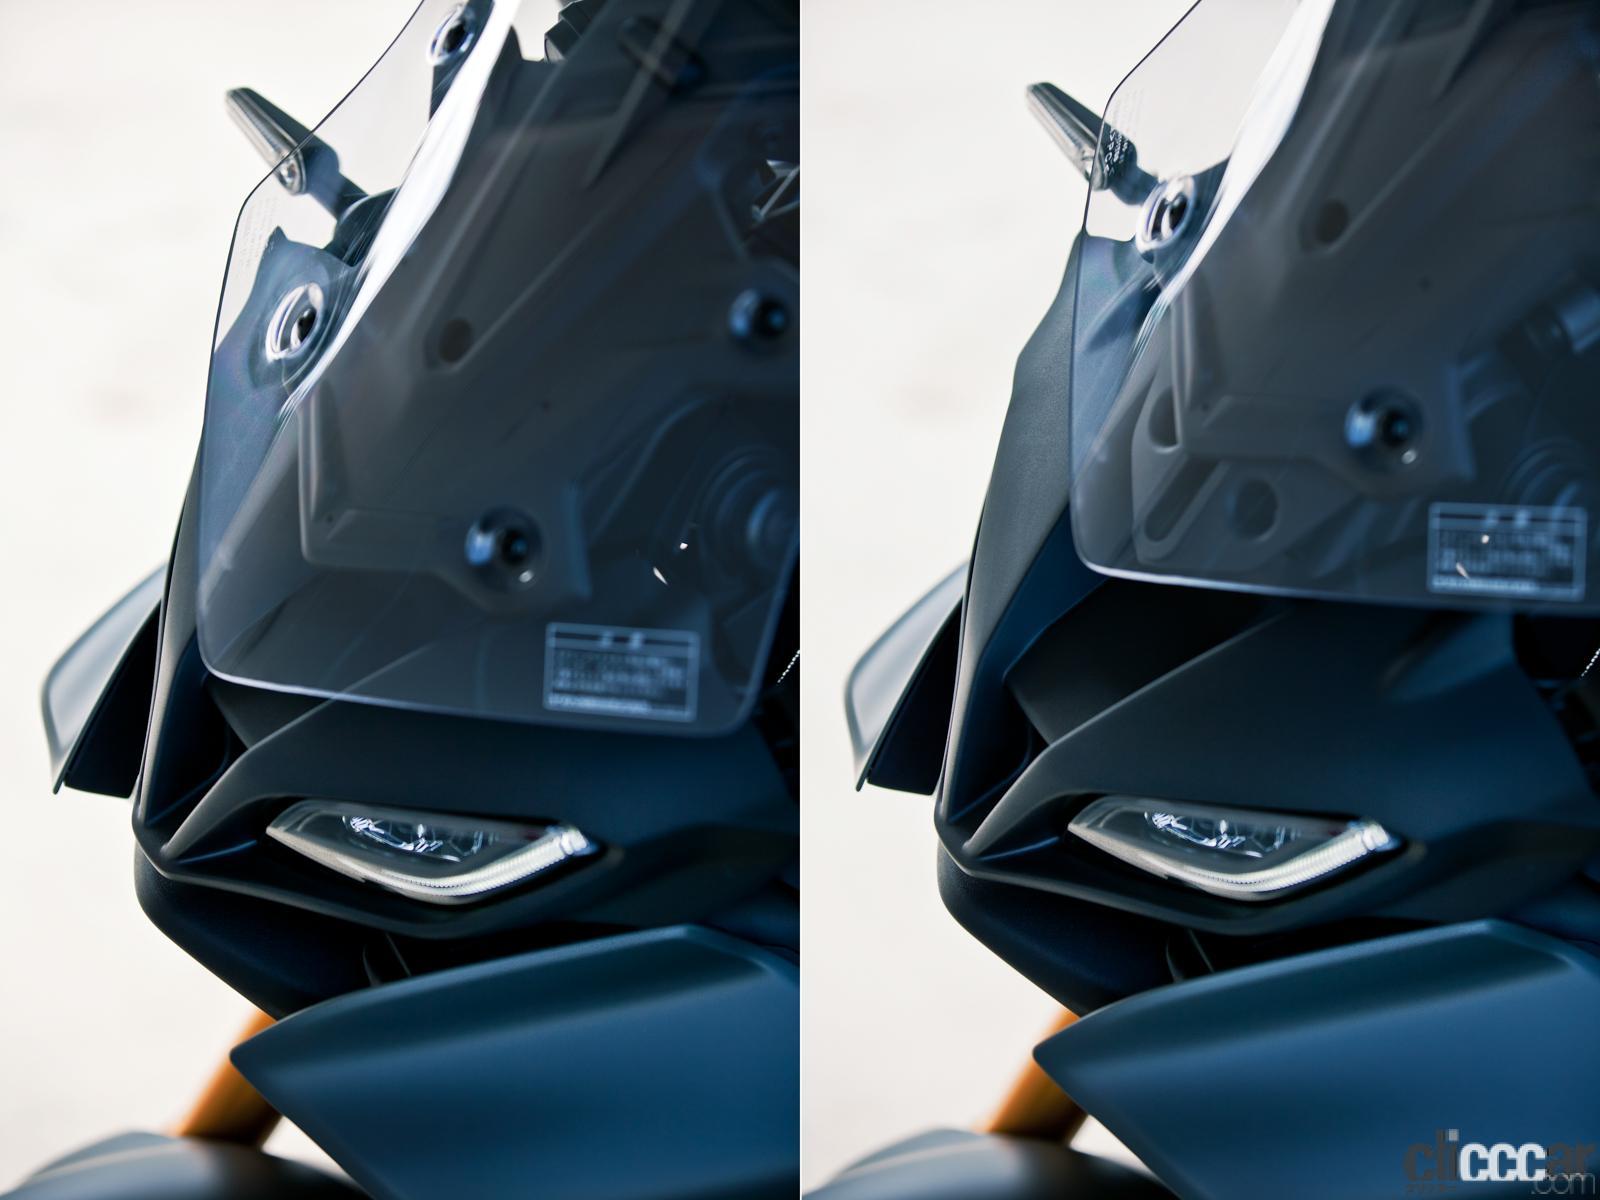 「何キロでも走れる超快適仕様! ヤマハTRACER9 GT ABSは電子制御の恩恵をフルに体感できる高性能スポーツツアラー」の14枚目の画像